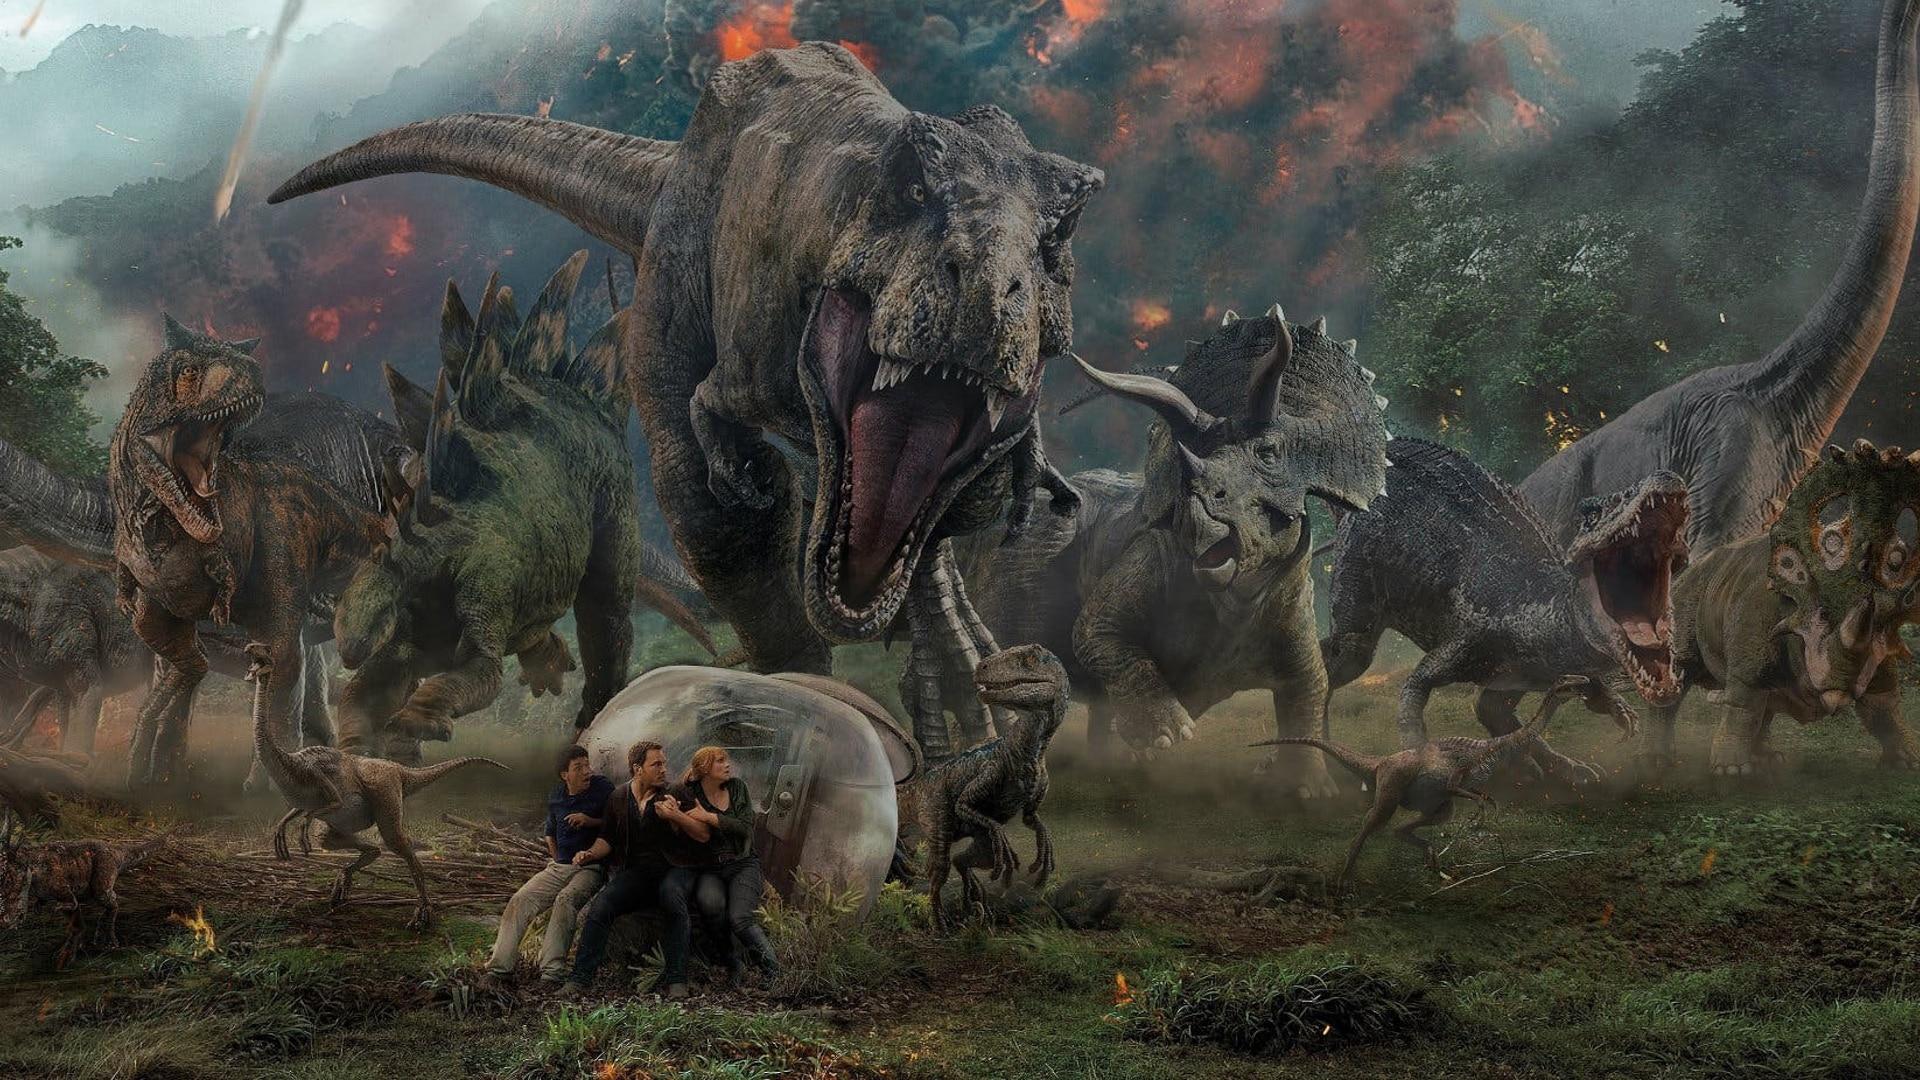 أستئناف تصوير فيلم Jurassic World : Dominion بتدابير وقائية